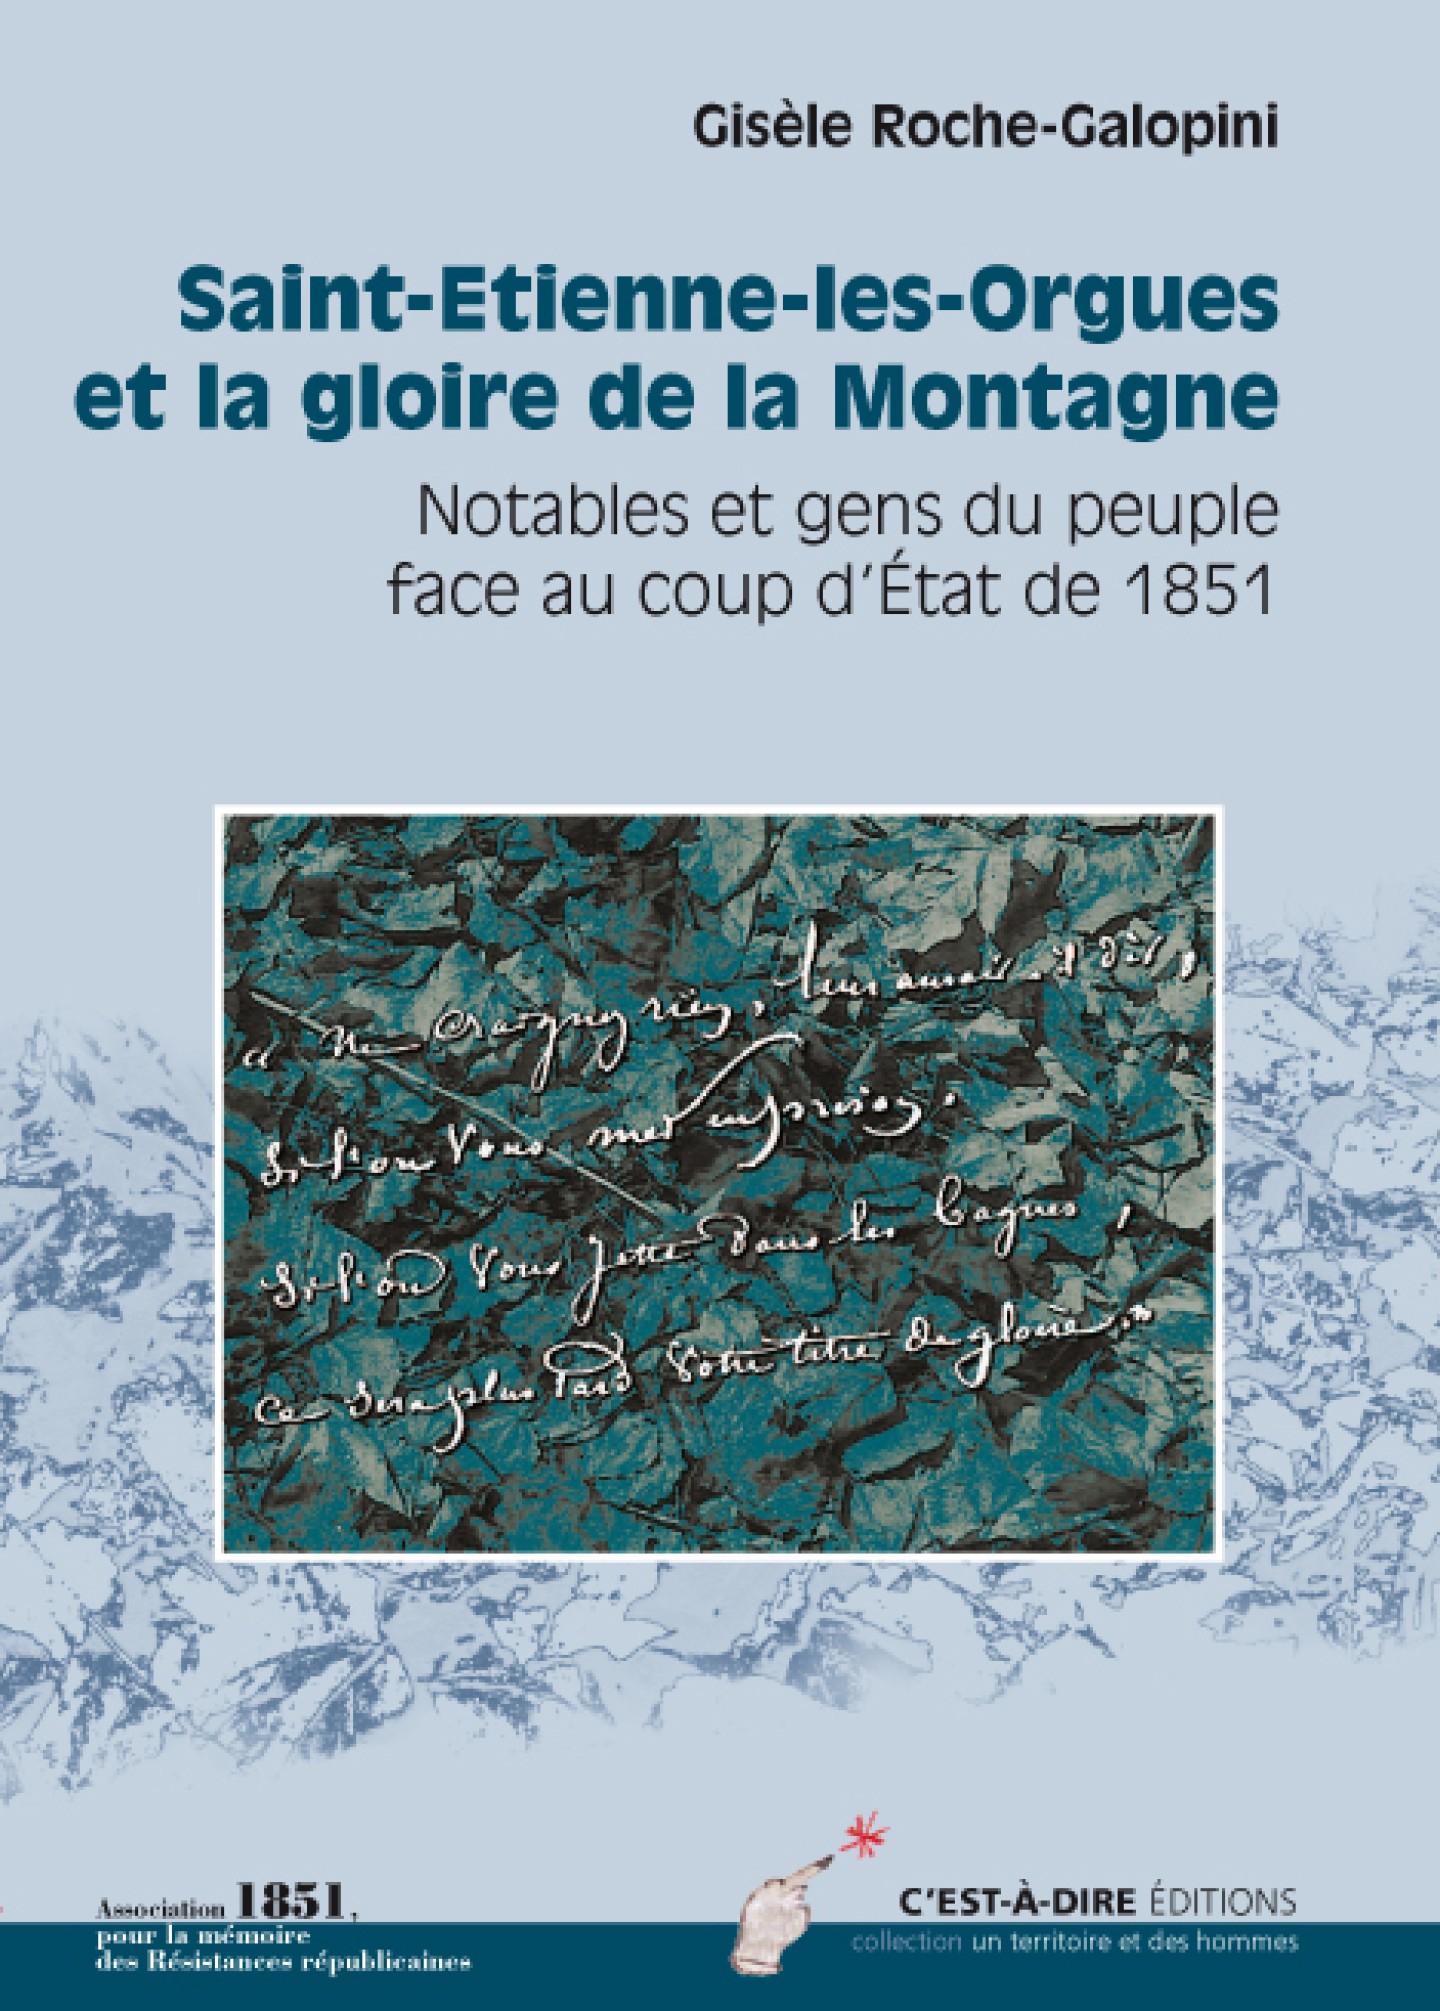 St-Etienne Les Orgues et la gloire de la Montagne de Gisèle Roche-Galopini